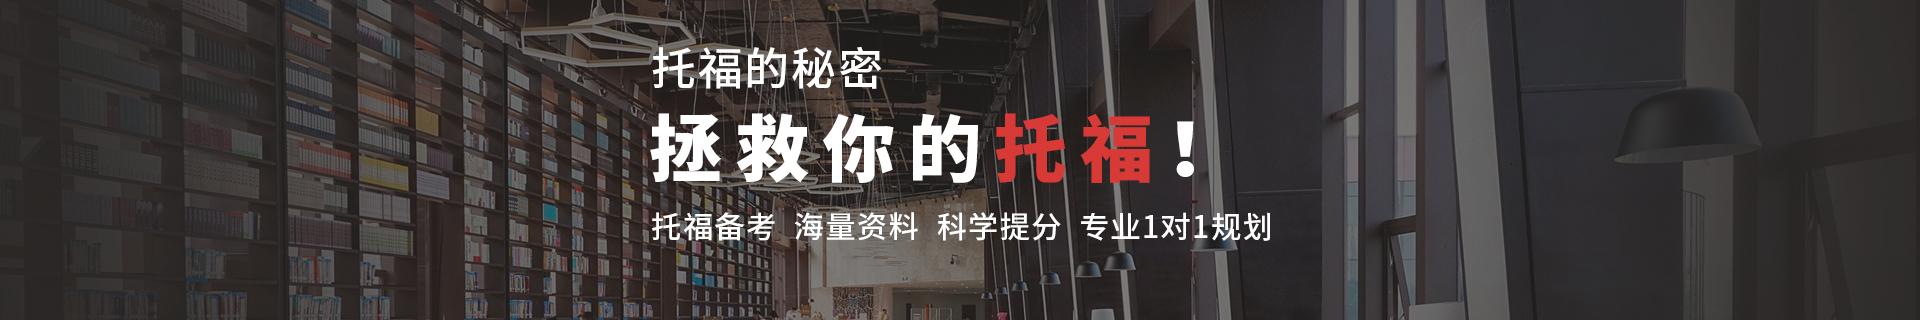 上海杨浦区新航道英语培训